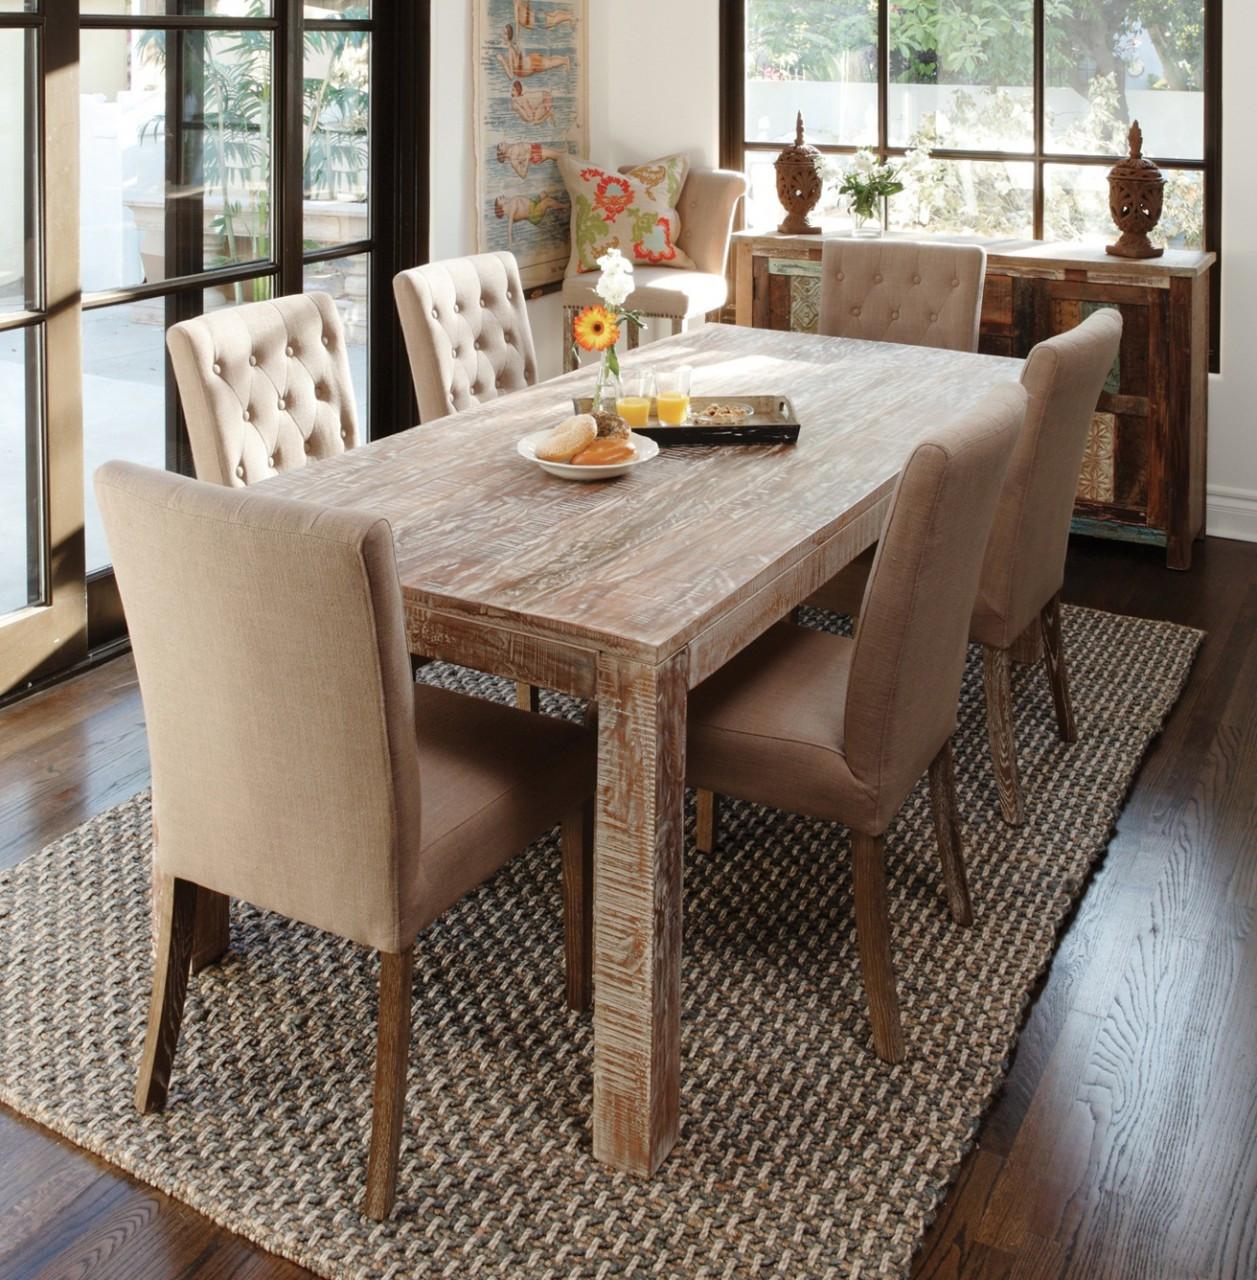 Farmhouse Dining Room Tables farmhouse dining room table